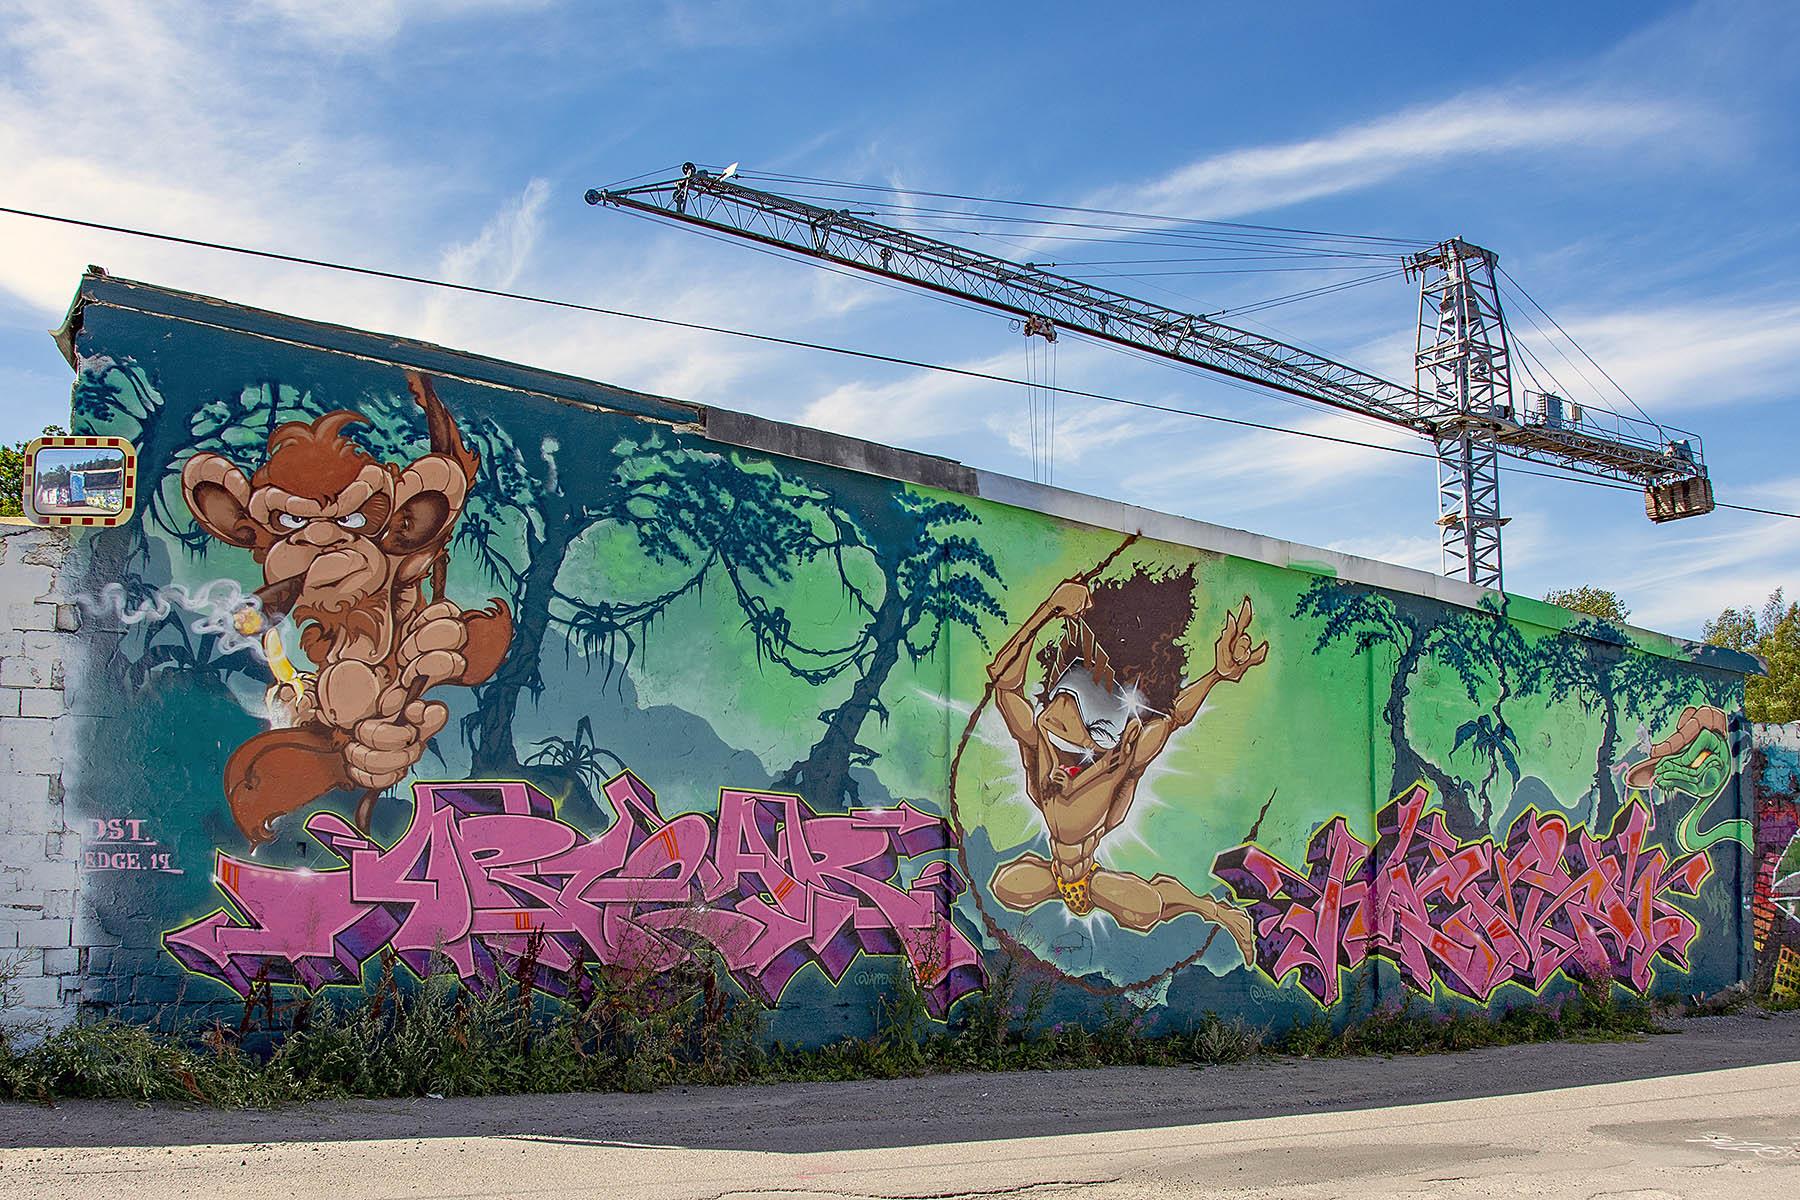 Snösätra Graffiti Wall of Fame Snösätra gatukonst graffiti Street art